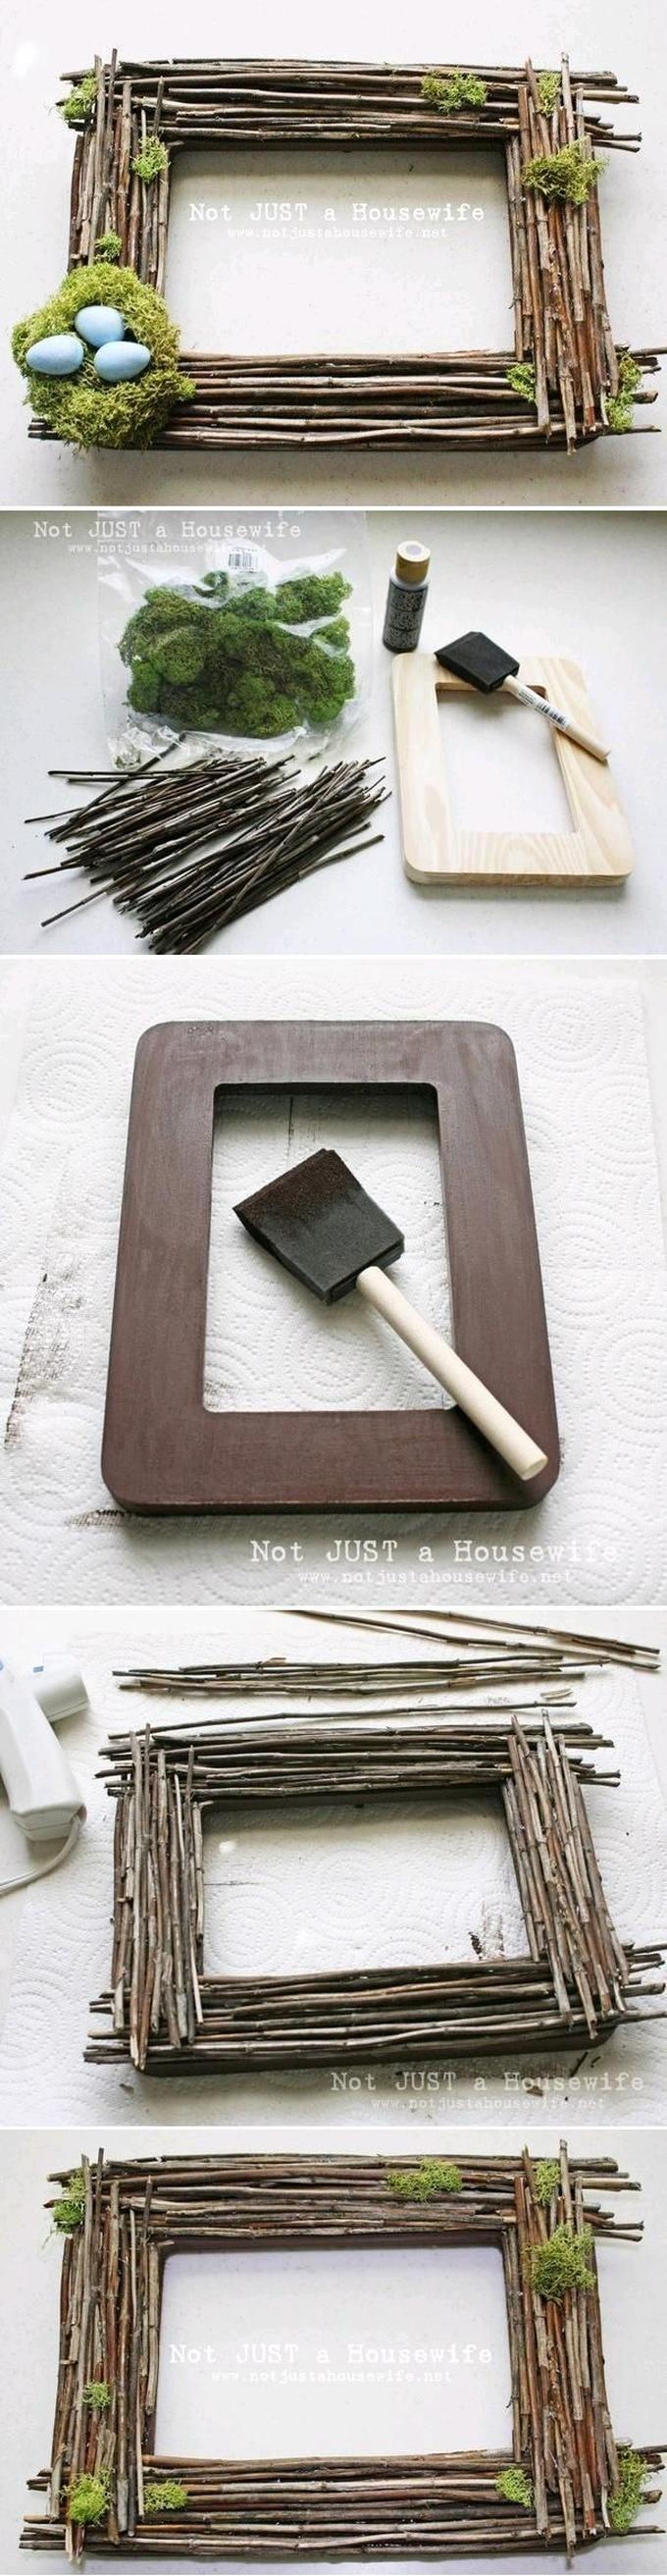 die 25 besten ideen zu bilderrahmen basteln auf pinterest diy bilderrahmen bilderahmen und. Black Bedroom Furniture Sets. Home Design Ideas